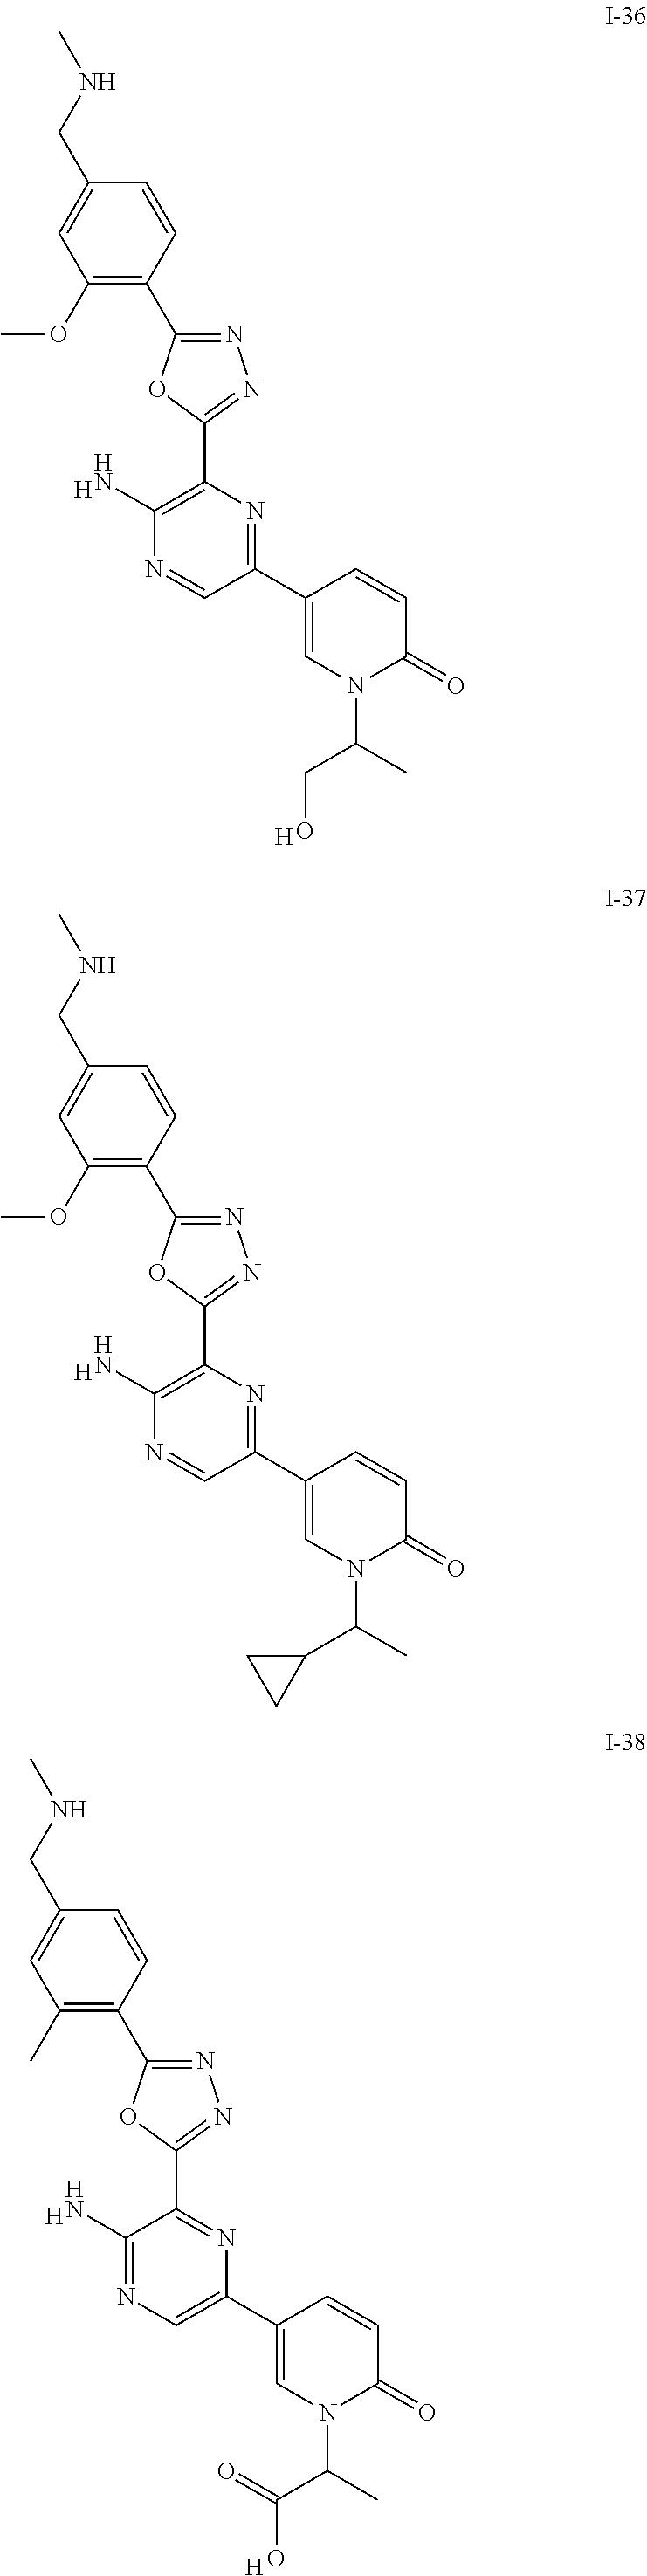 Figure US09630956-20170425-C00229